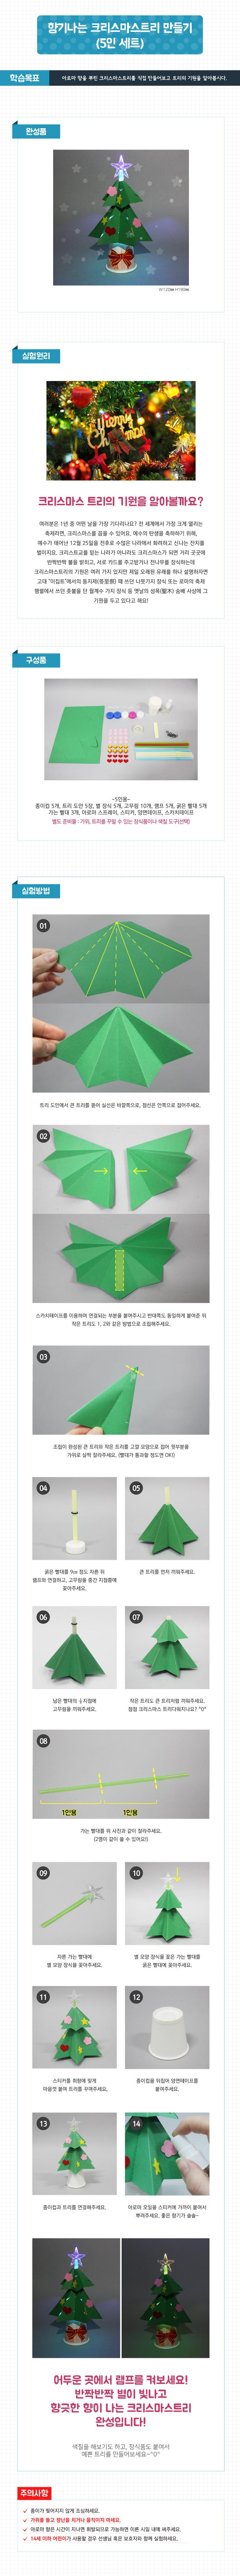 향기나는-크리스마스-트리-만들기(5인-세트)-상세페이지_01.jpg